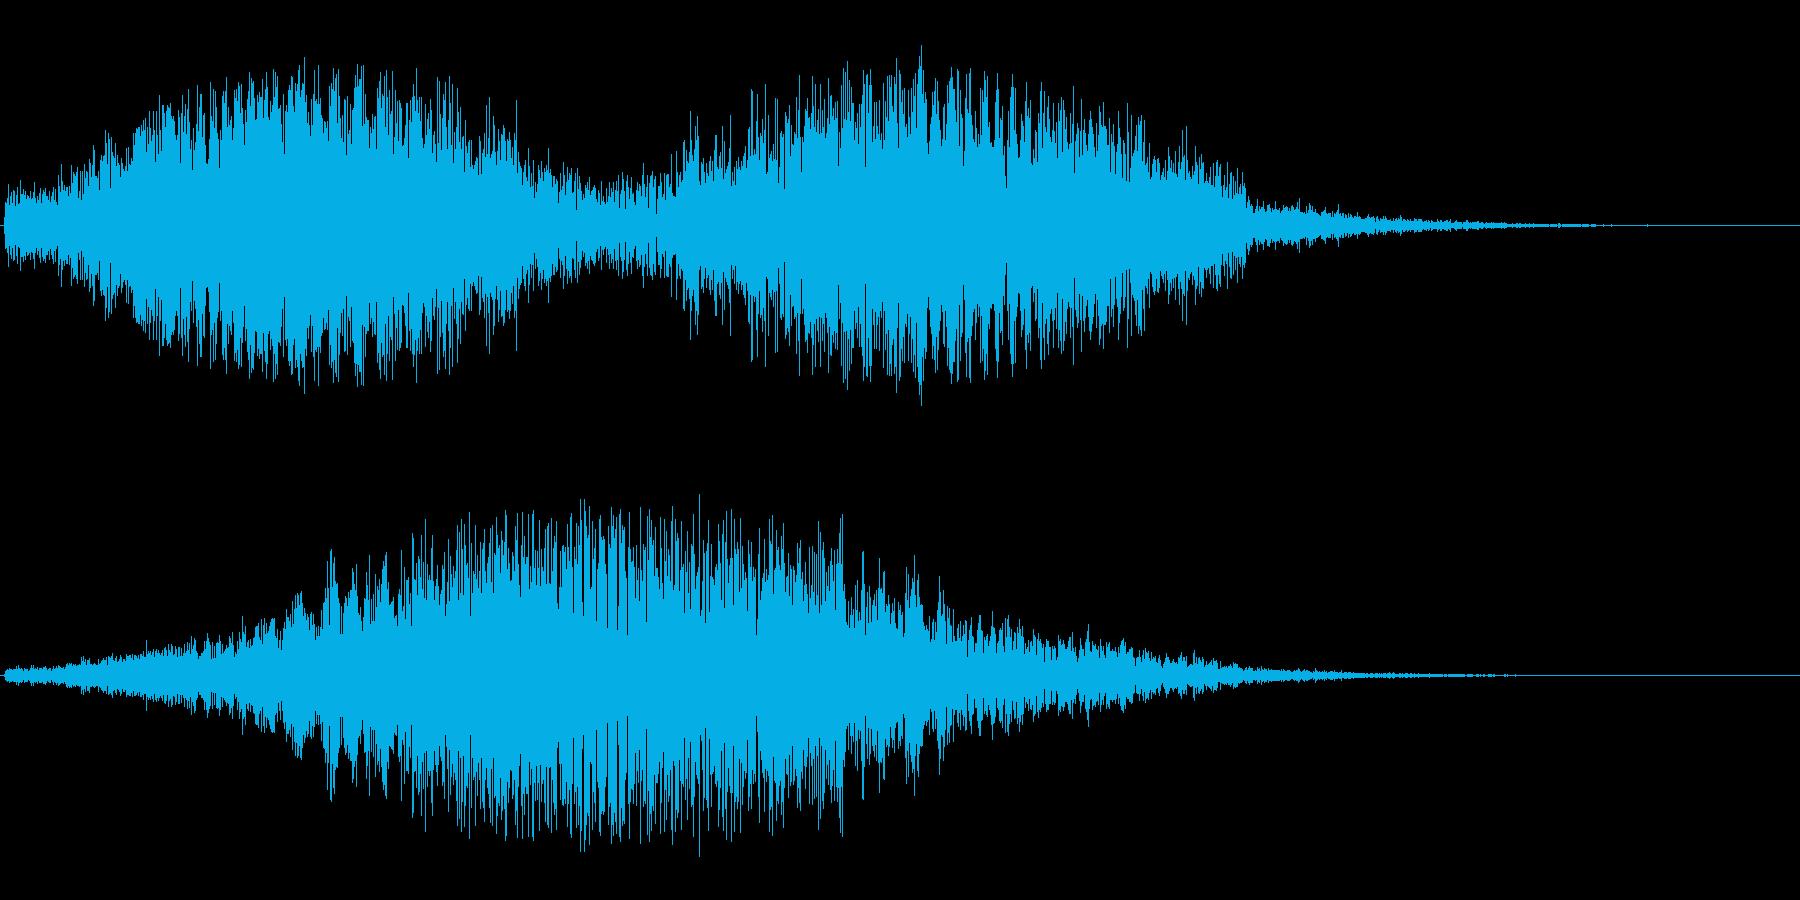 不思議な感じの下がって上がる音の再生済みの波形